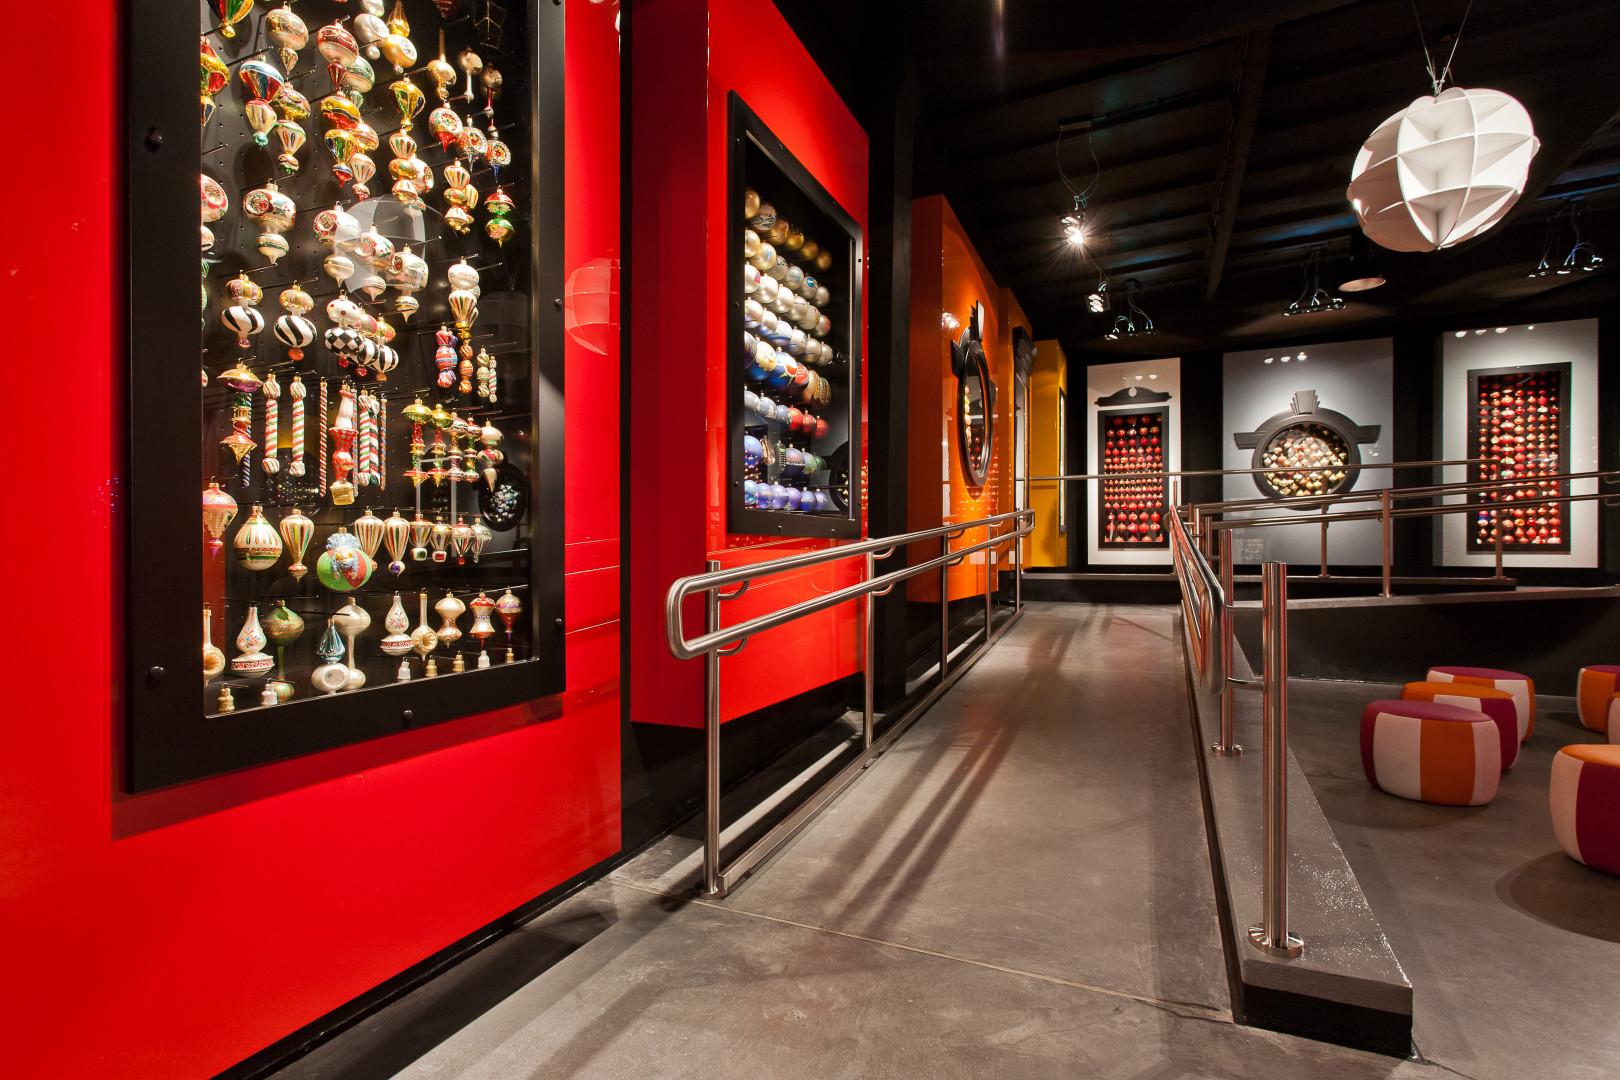 Na terenie dawnej milickiej fabryki bombek firma Deftrans wsparła otwarcie Muzeum Bombki. Fot. Deftrans